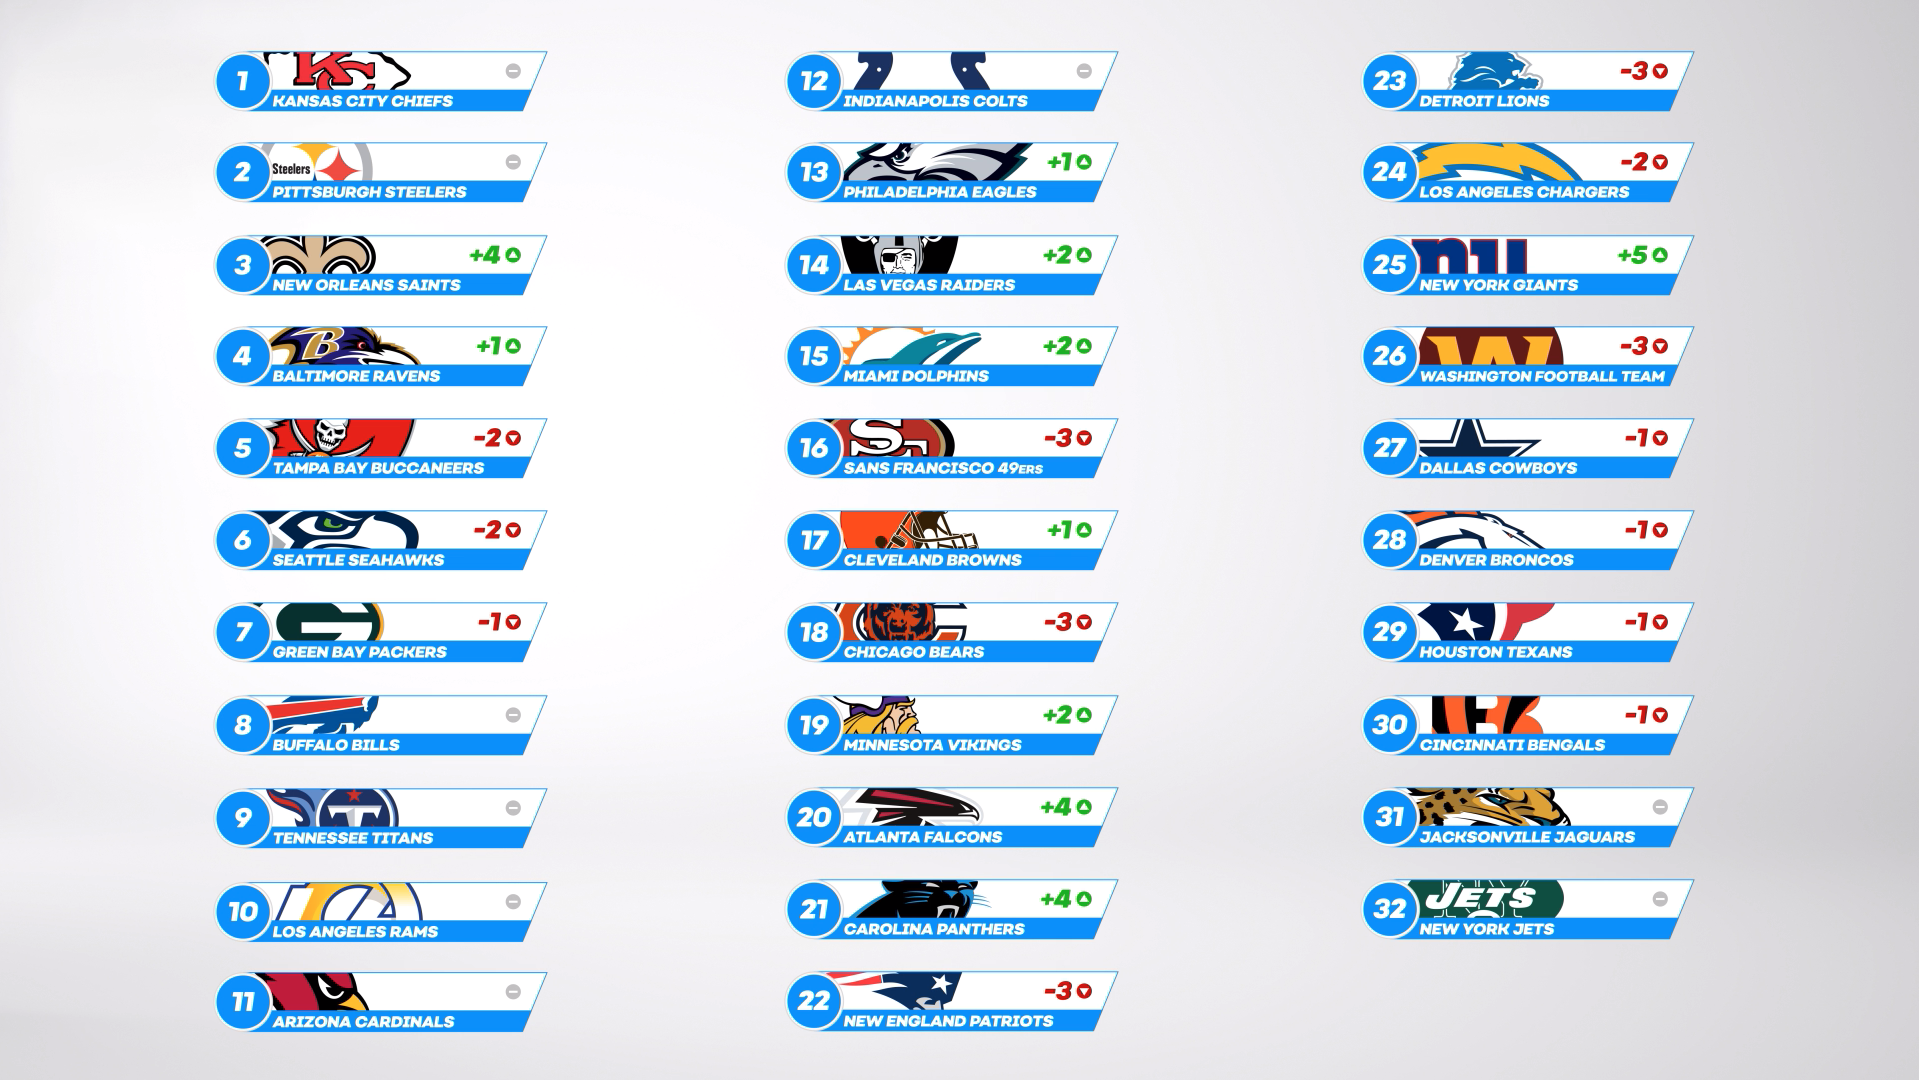 NFL Power Rankings Full List - Week 10